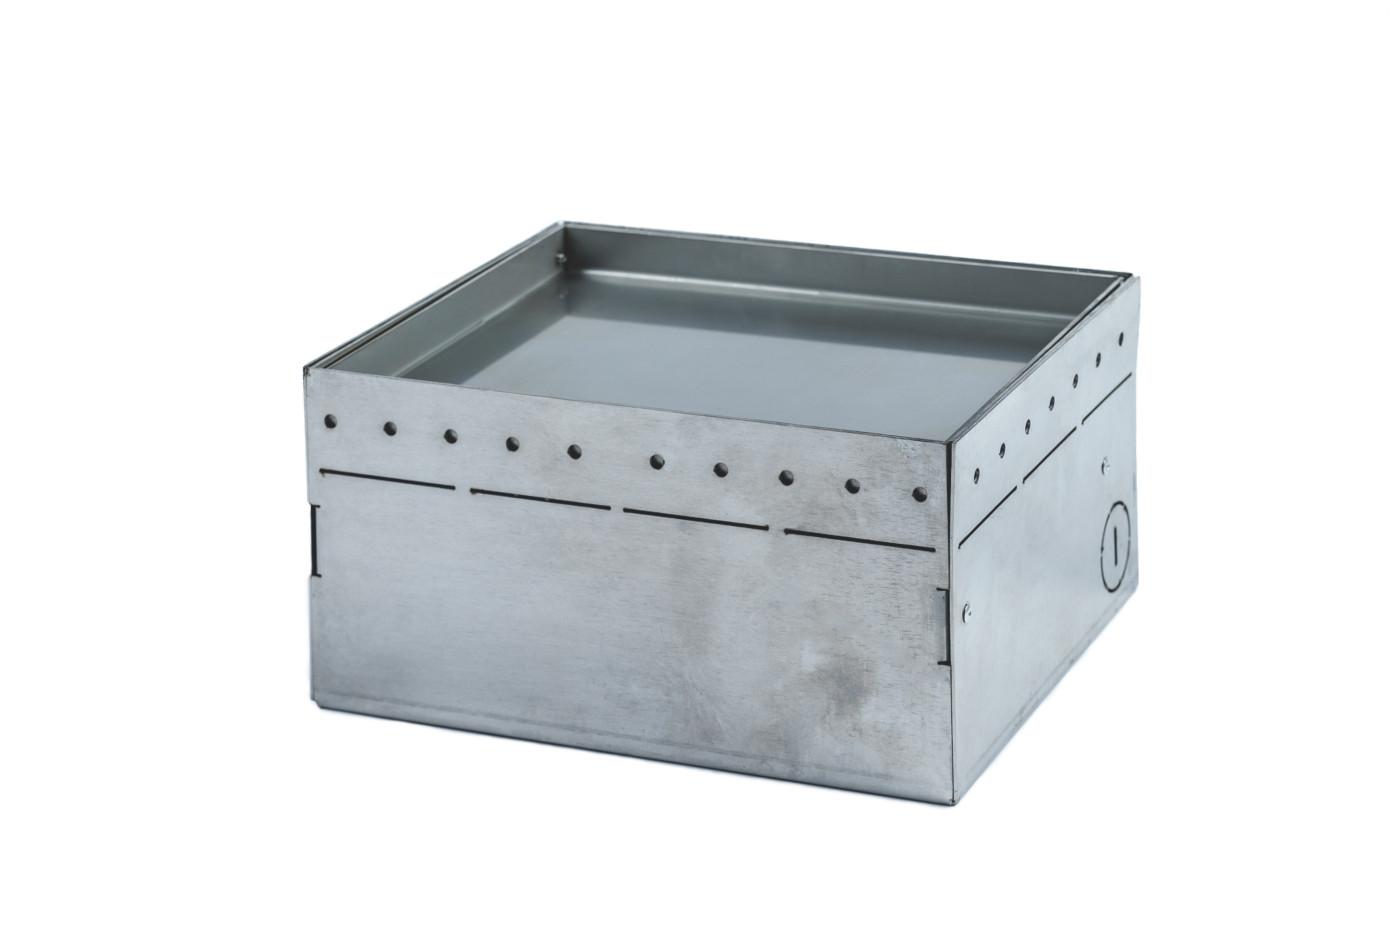 Podlahová krabice HS2